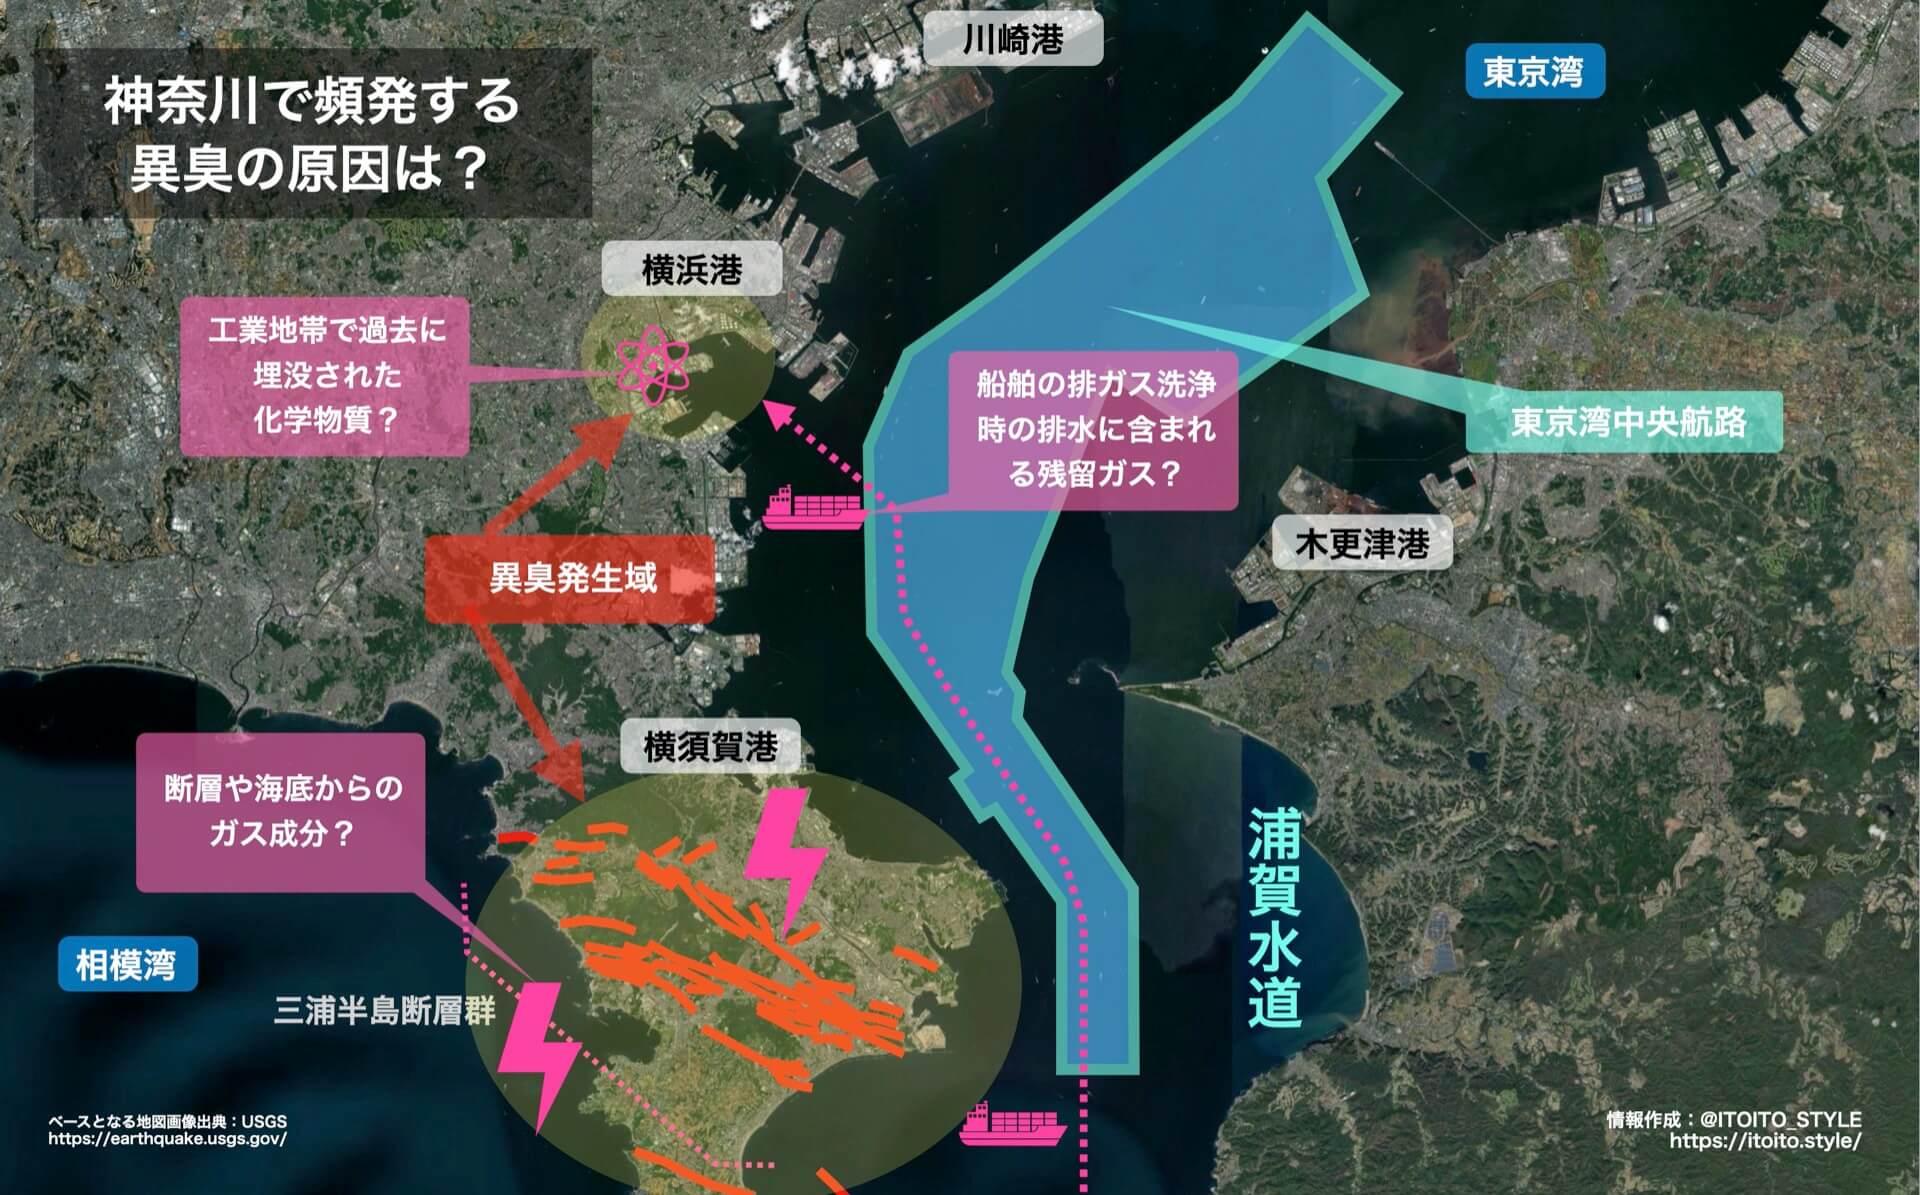 と 地震 異臭 神奈川の異臭は巨大地震の前兆!?関東大震災時にはガス噴出も観測されていた